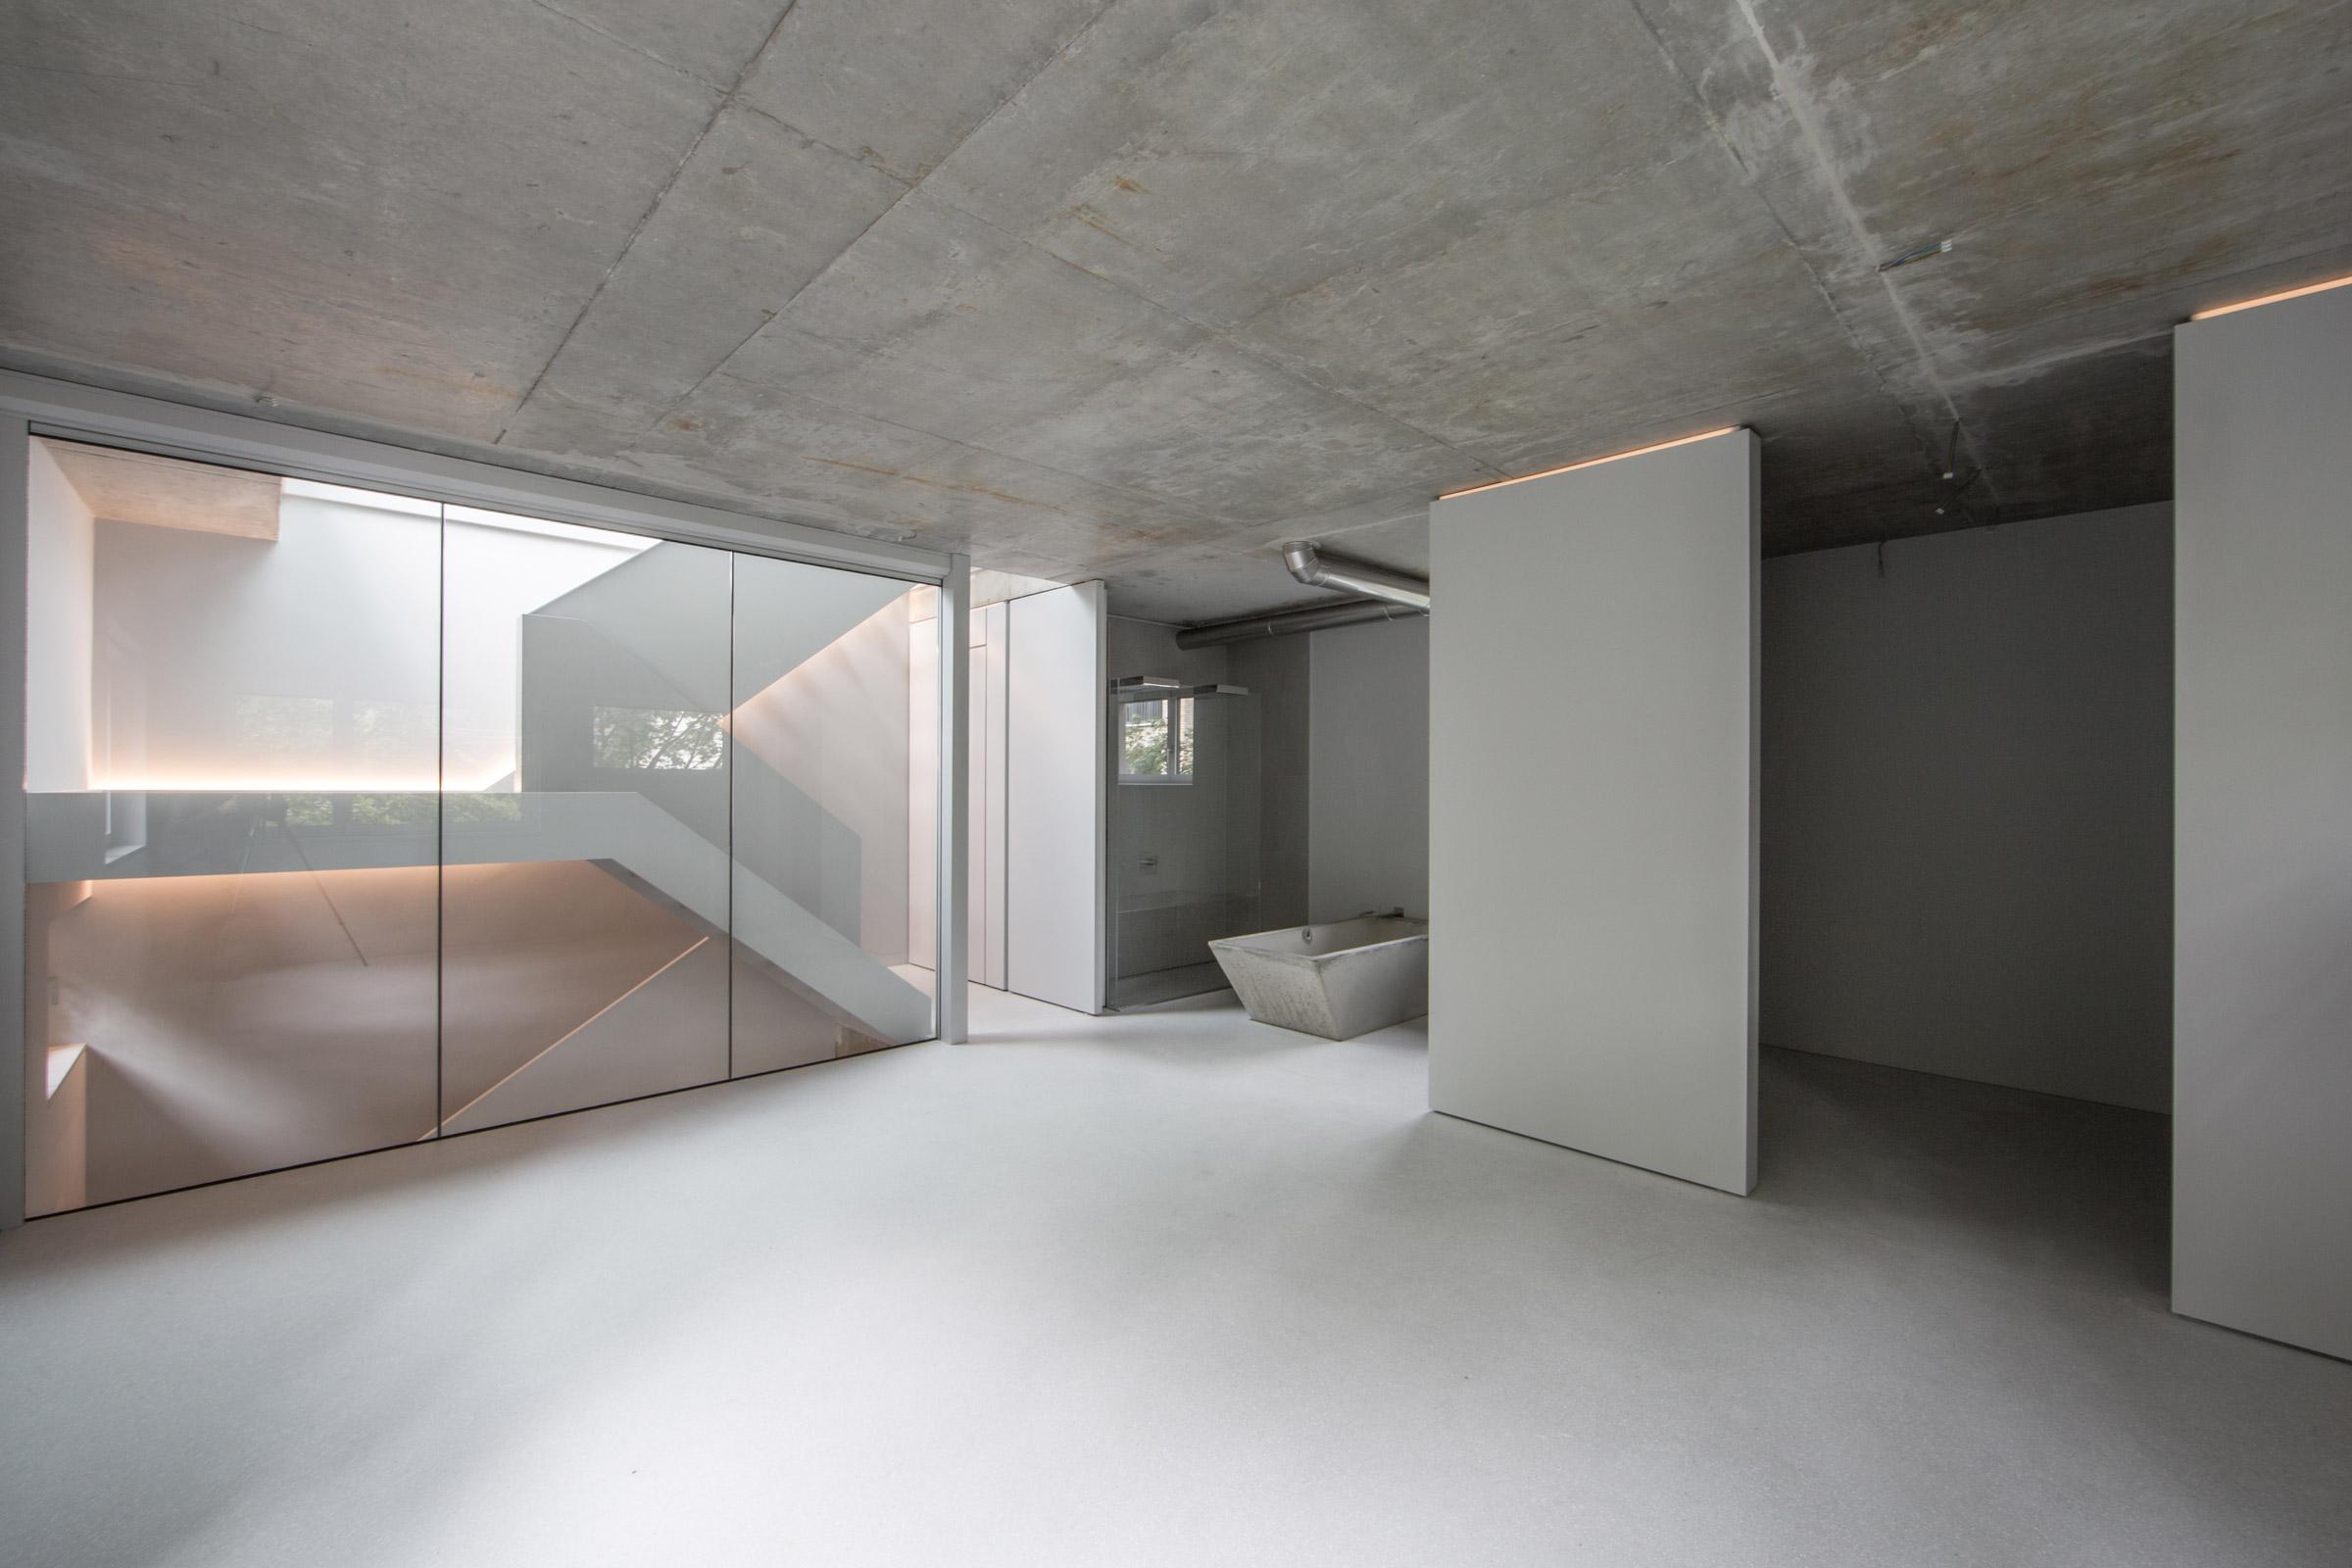 Schlafzimmer, Ankleide und offenes en-suite Badezimmer